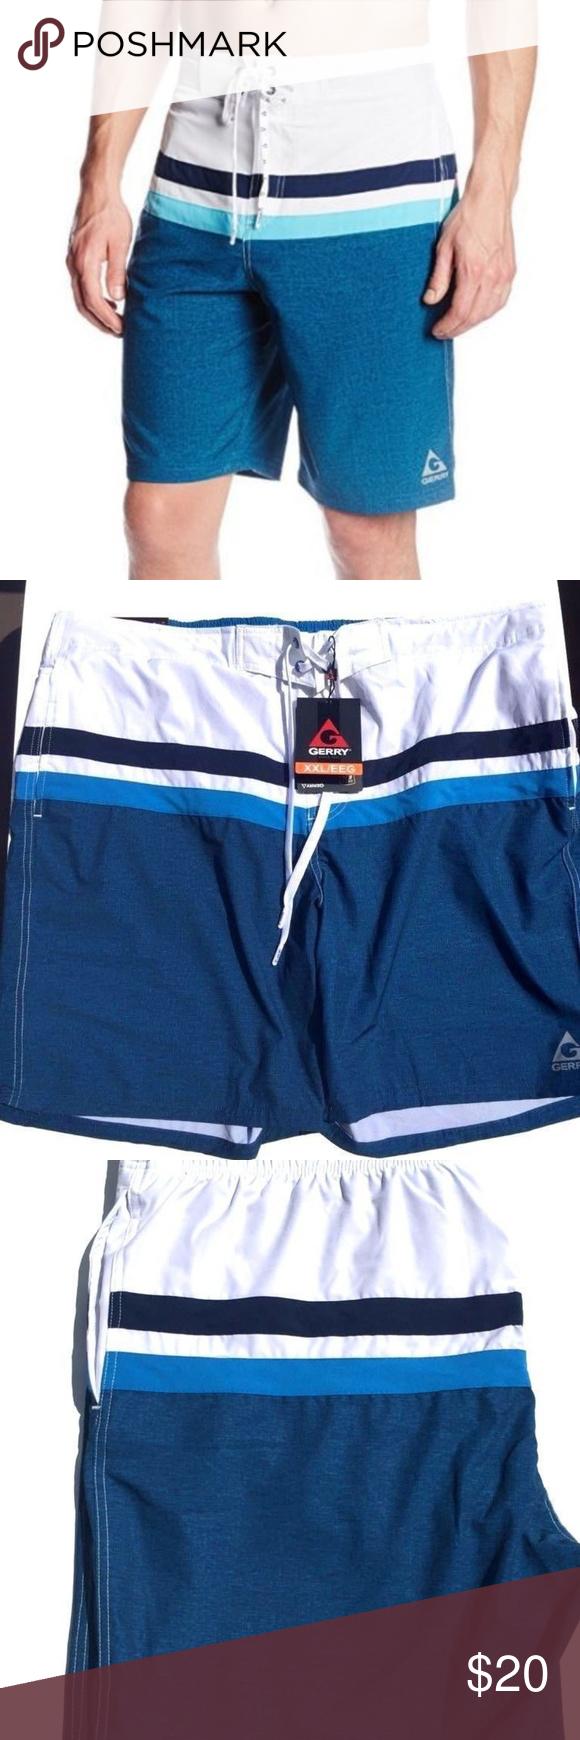 8724c063a1 Gerry Men's Swim Shorts General Descriptions Product: Gerry Men's Quick-Dry  Swim Short Size